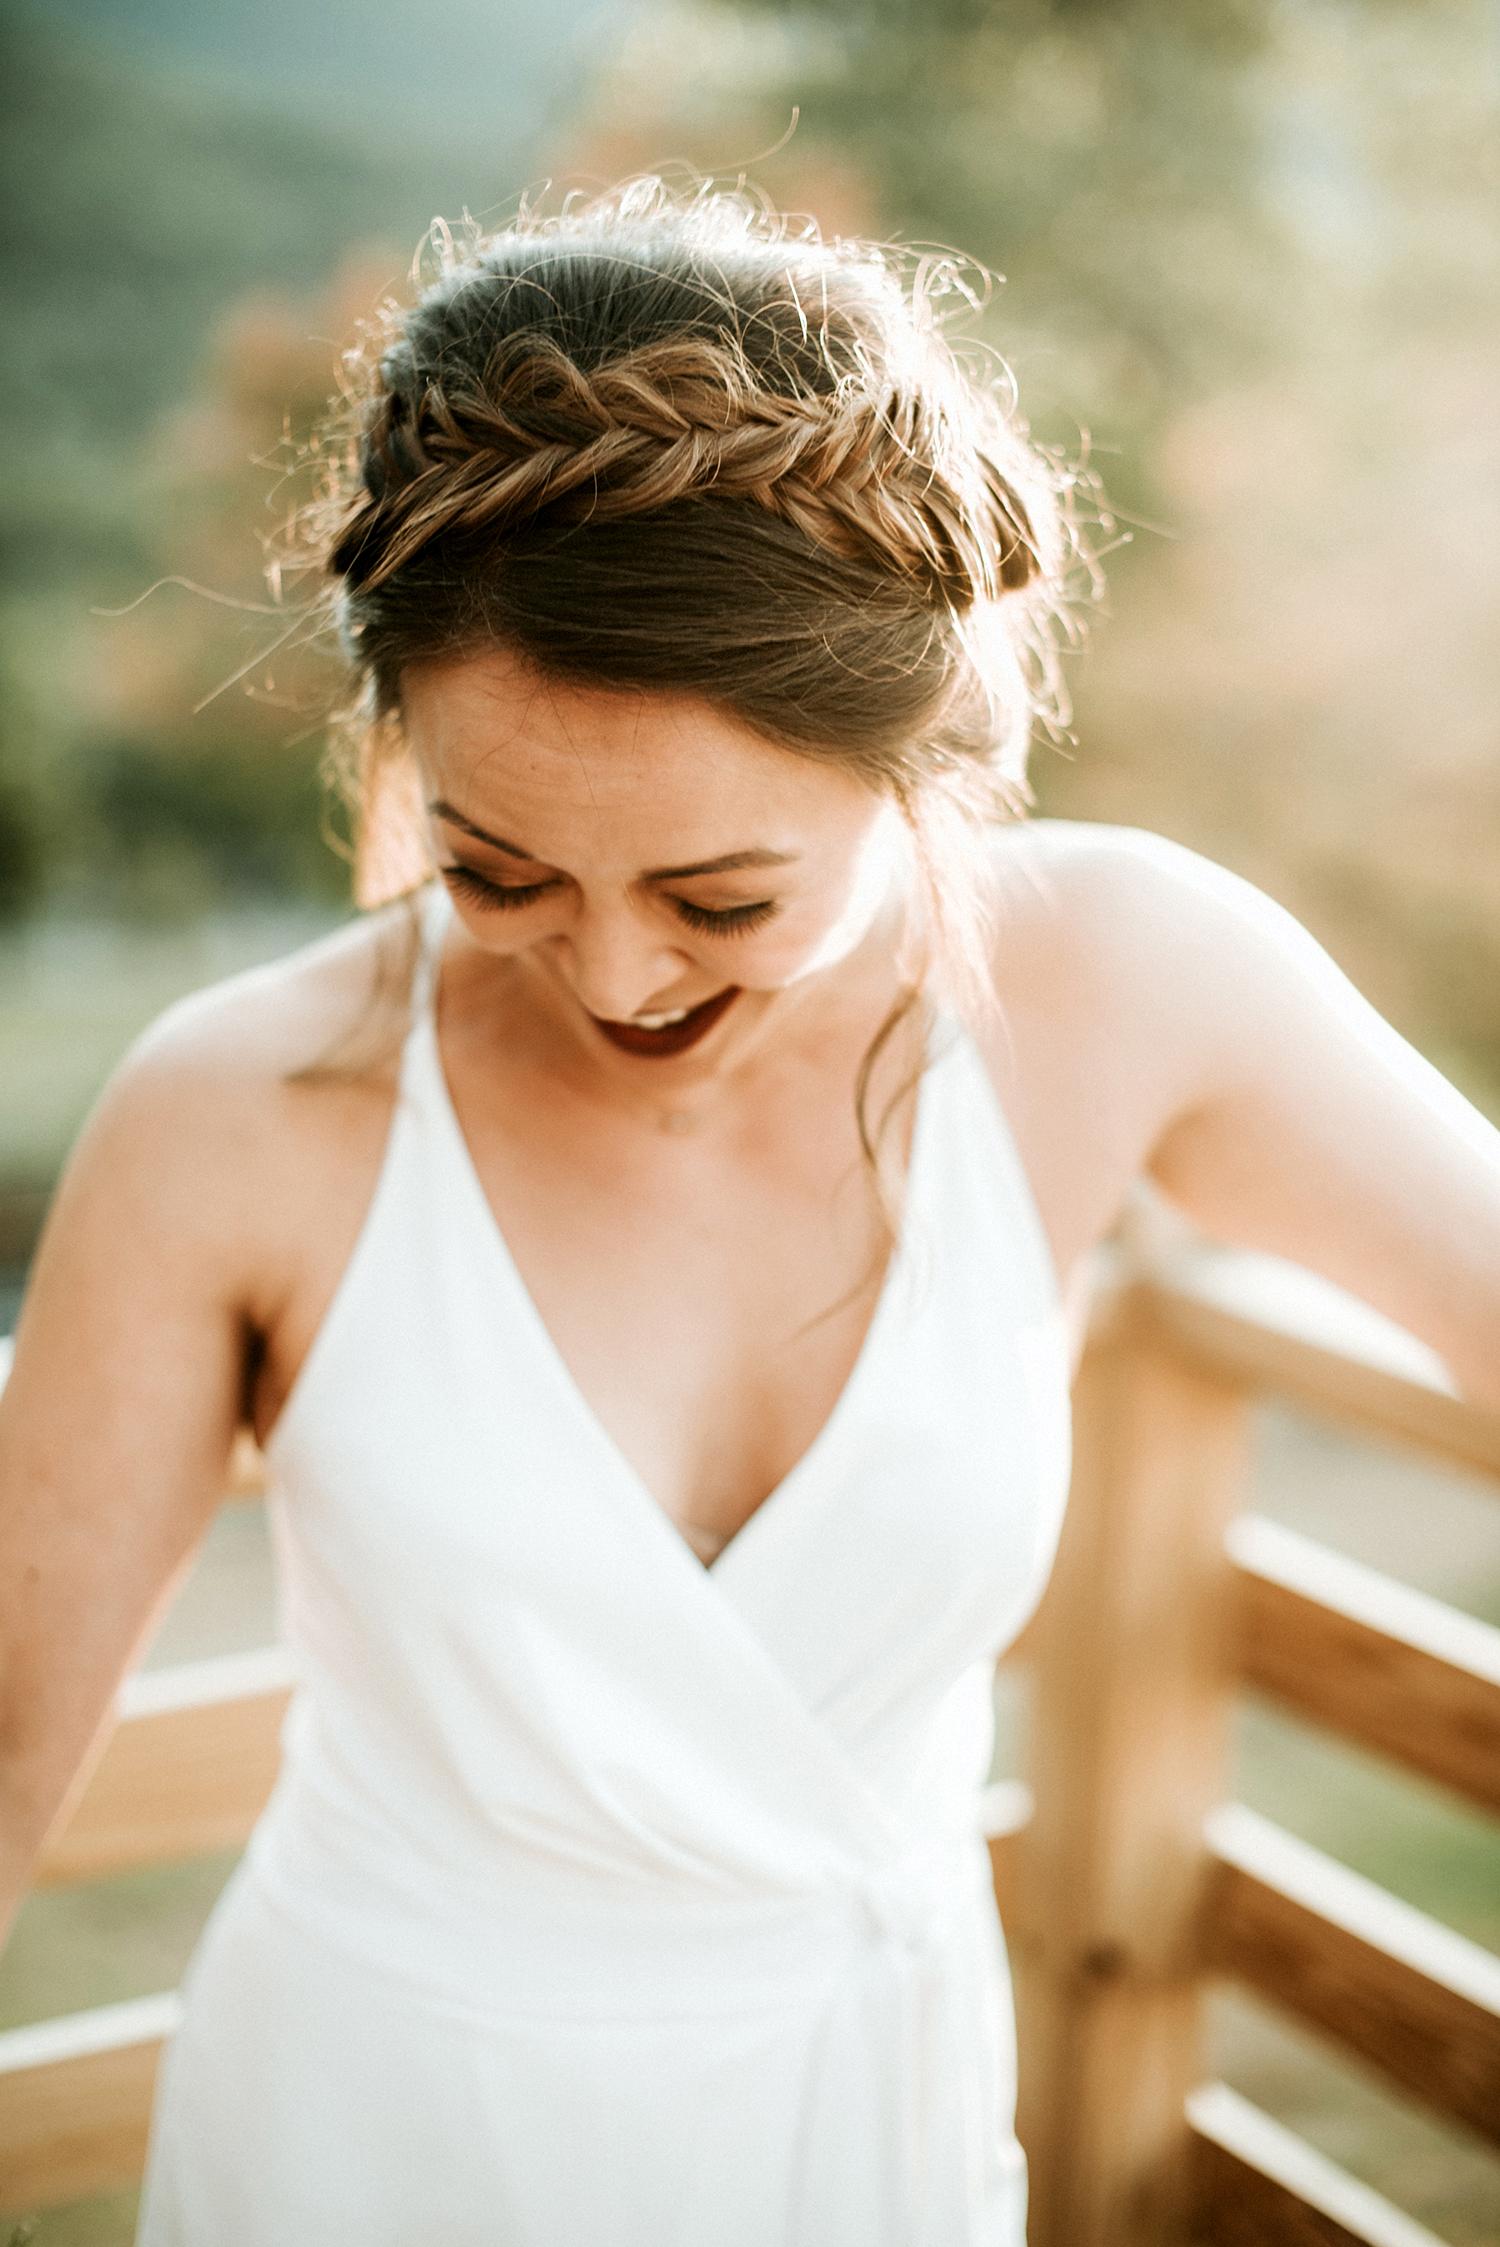 boho bride with milk maid braid